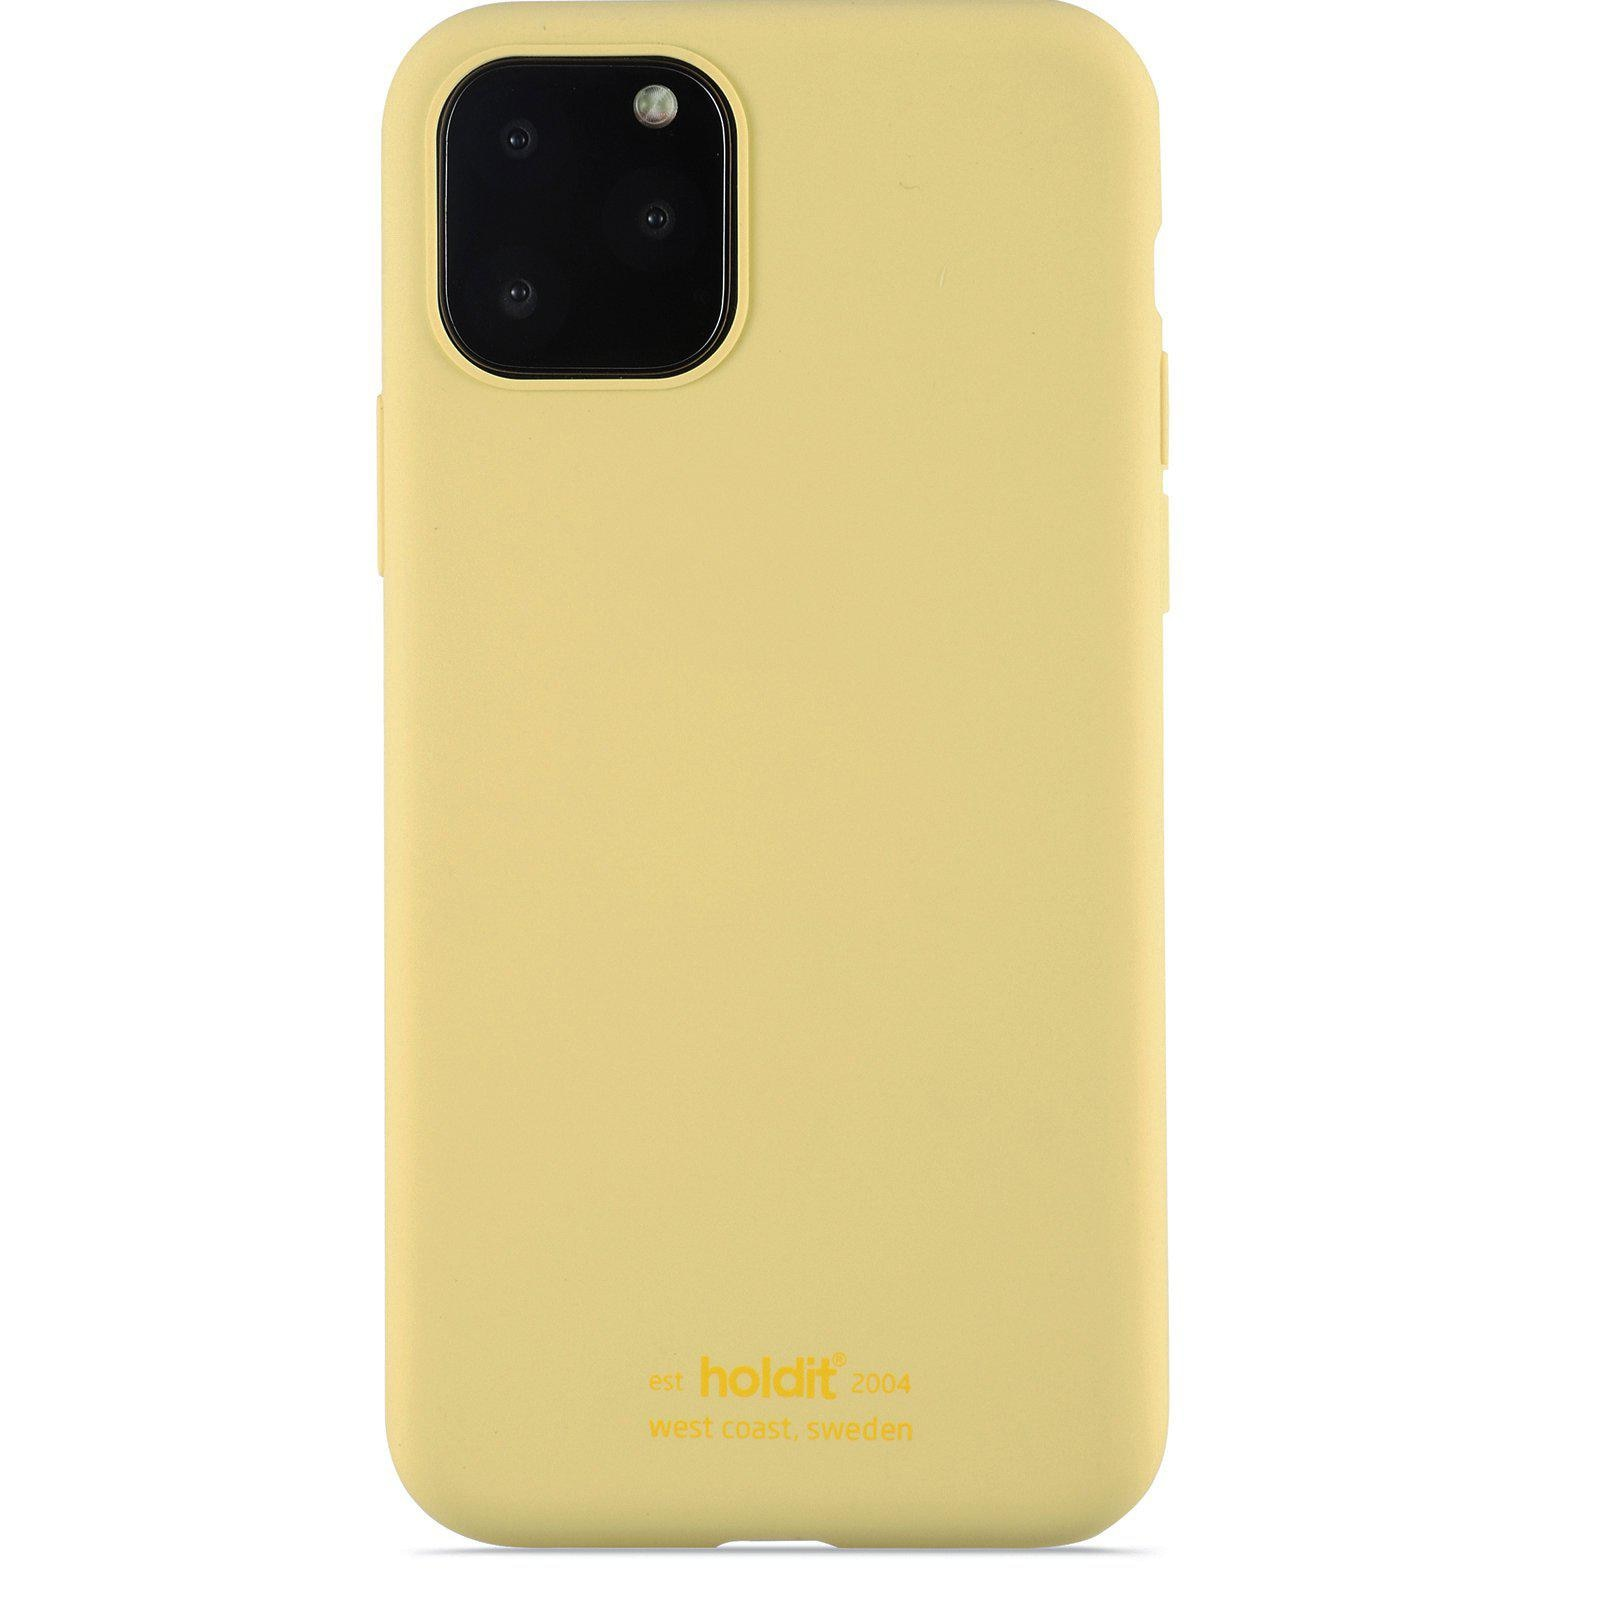 Silikonikuori iPhone 11 Pro/XS/X Yellow